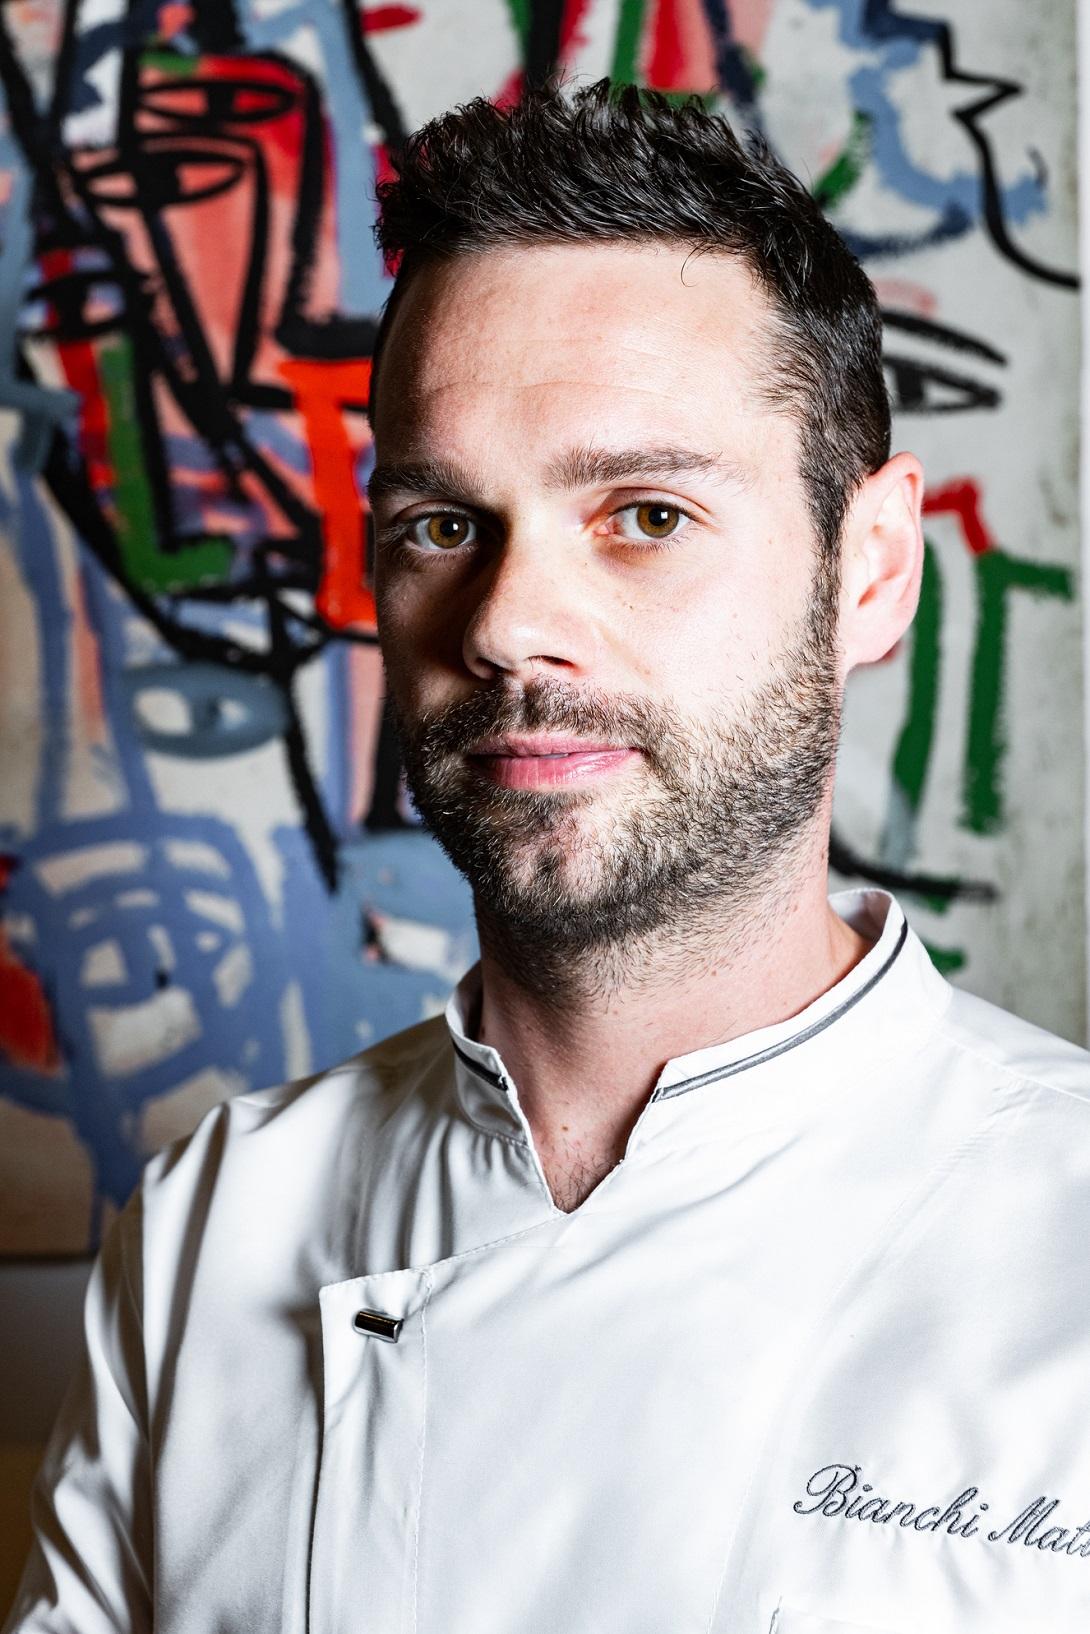 Chef Mattia Bianchi Ristorante Amistà, Verona